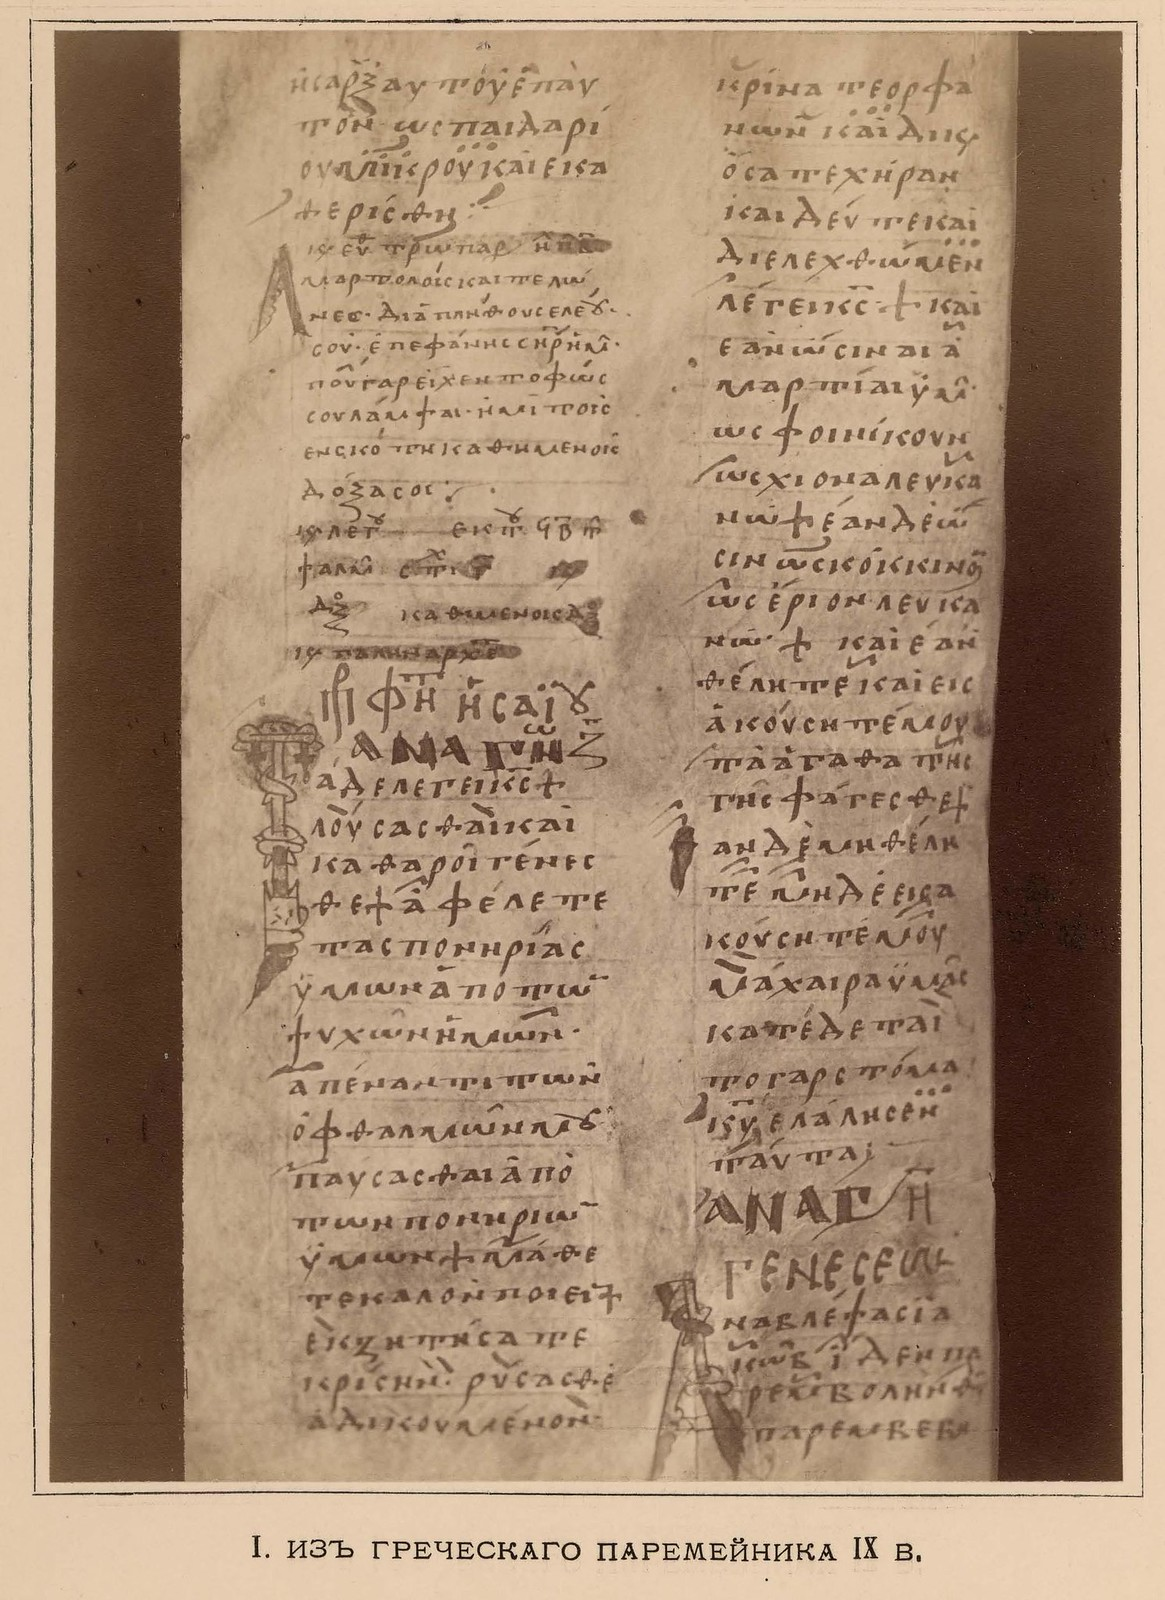 12. Отделение рукописей. I. Из Греческого Паремейника IX в.